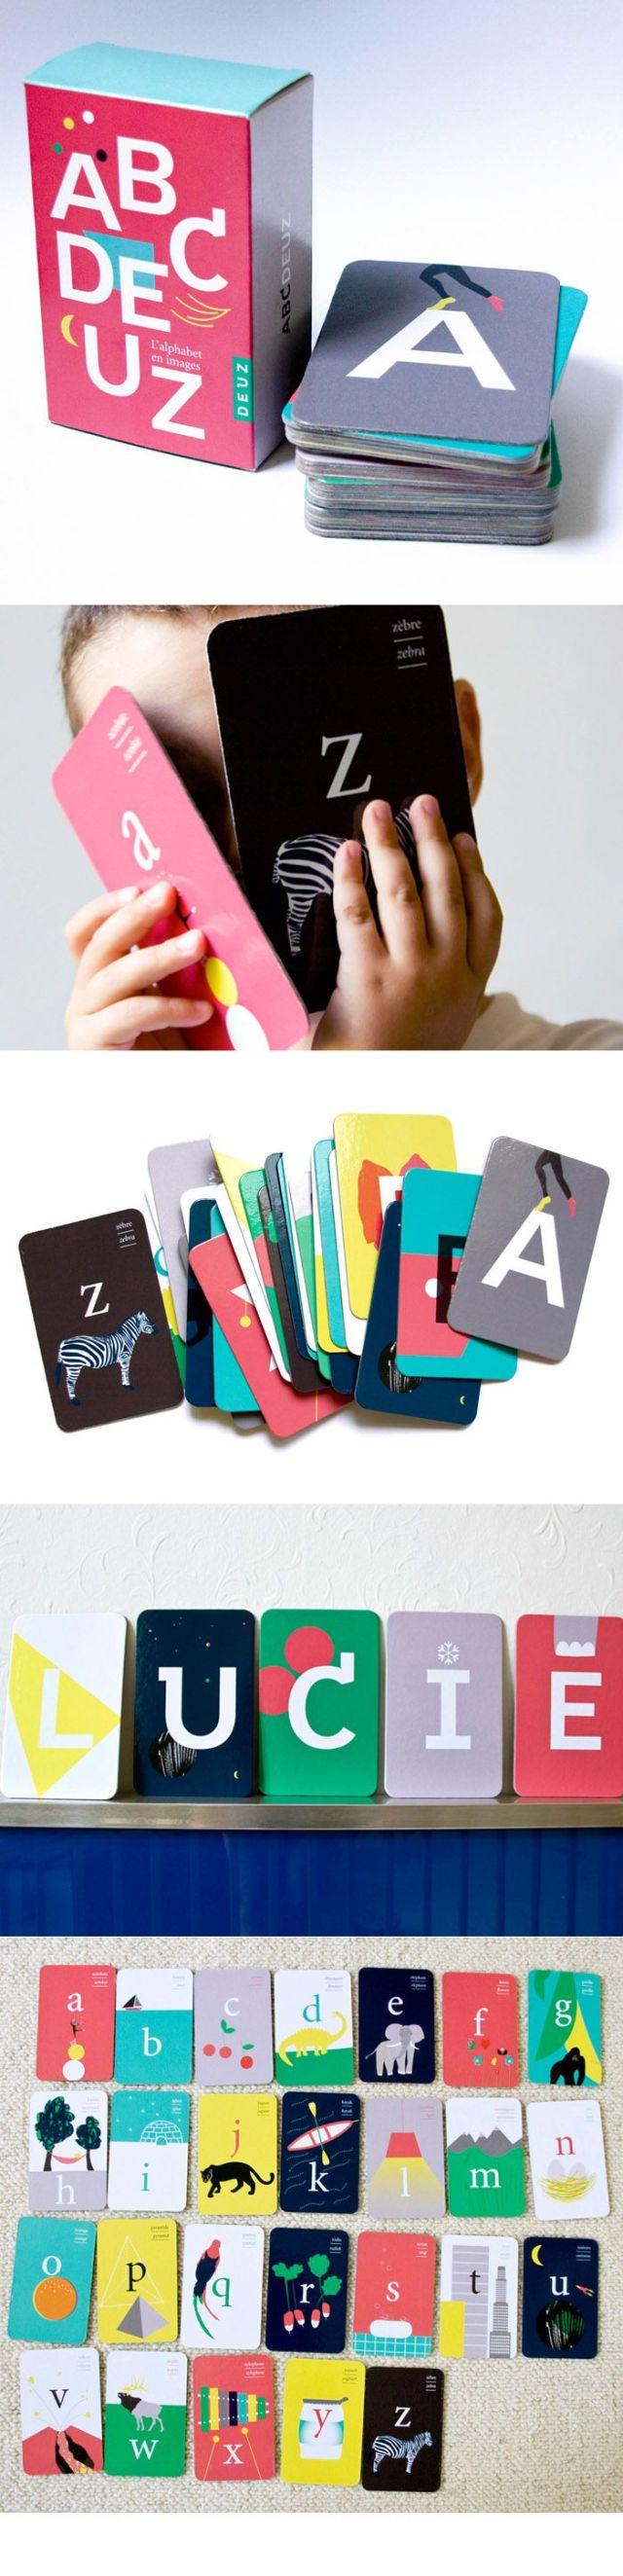 cartes-bilingues-deuz